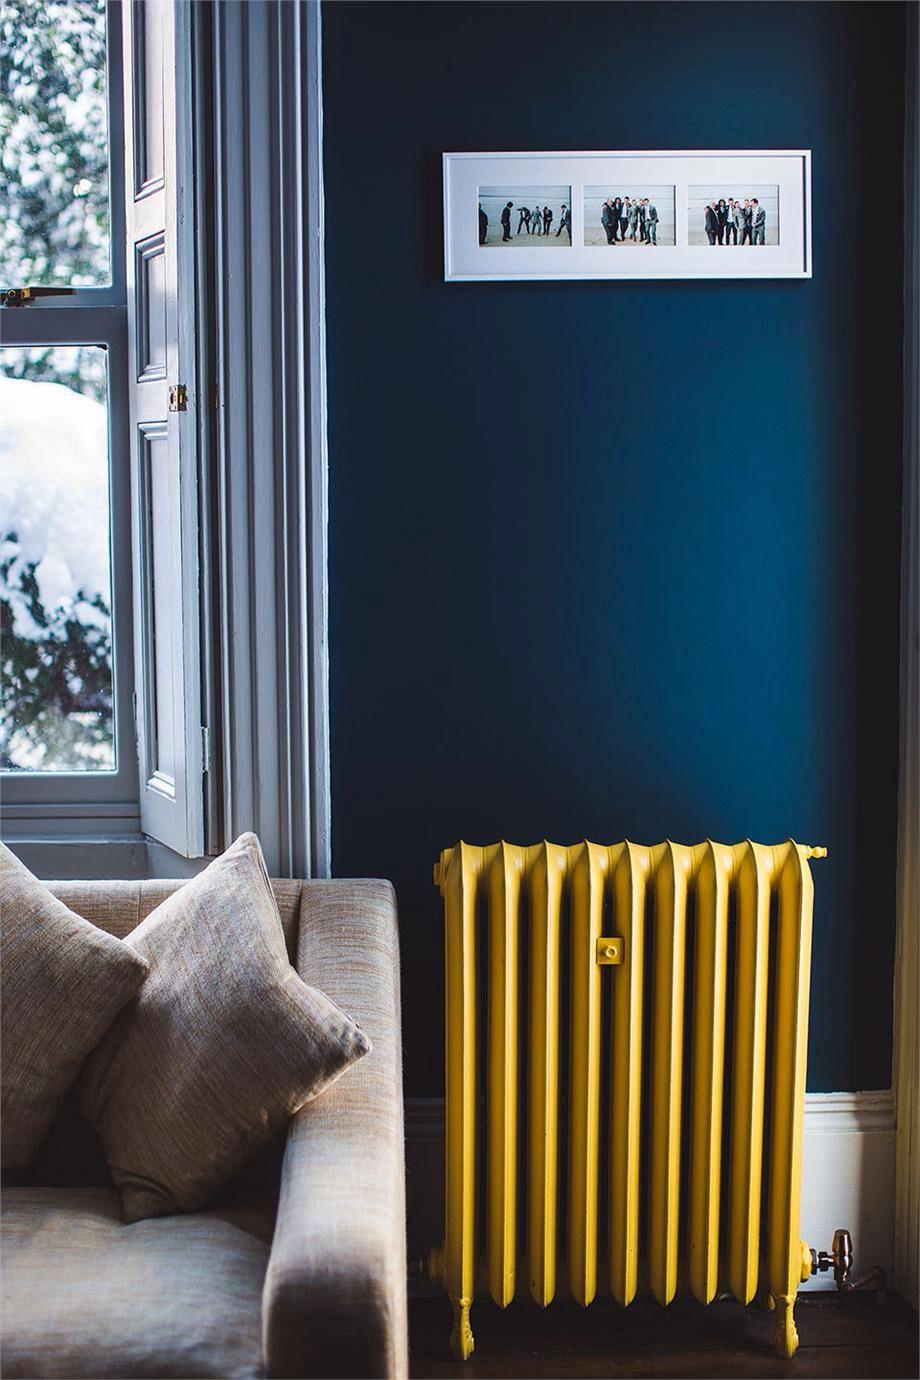 Accent wall paint ideas bedroom  Hague blue Babouche u Dimpse  New home decor  Pinterest  Hague